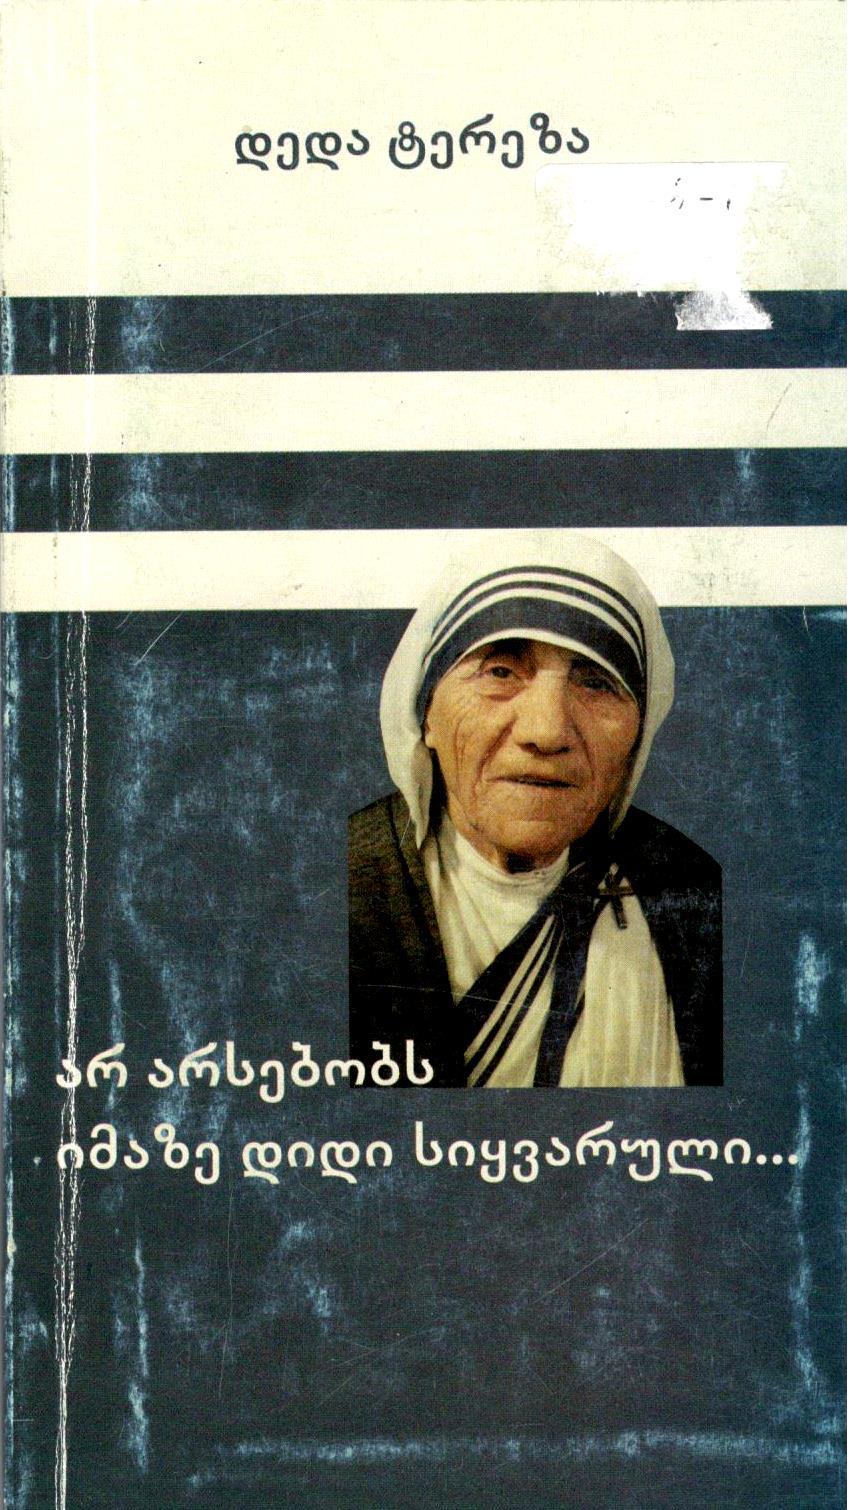 დედა ტერეზა - არ არსებობს იმაზე დიდი სიყვარული...